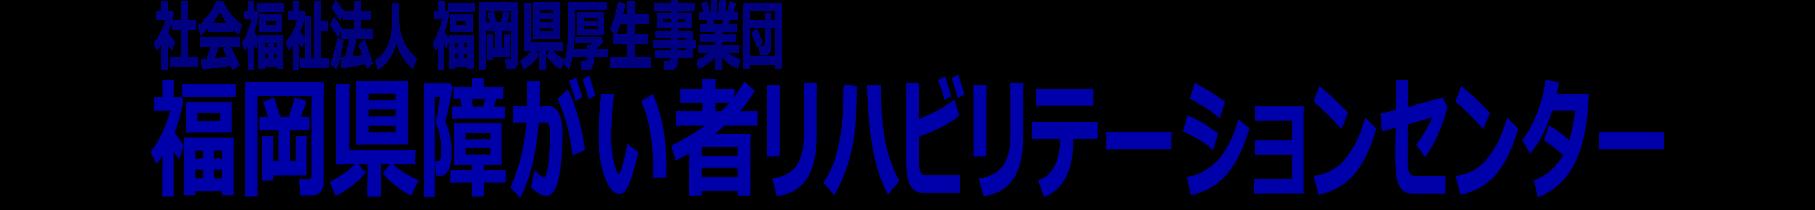 福岡県障がい者リハビリテーションセンター